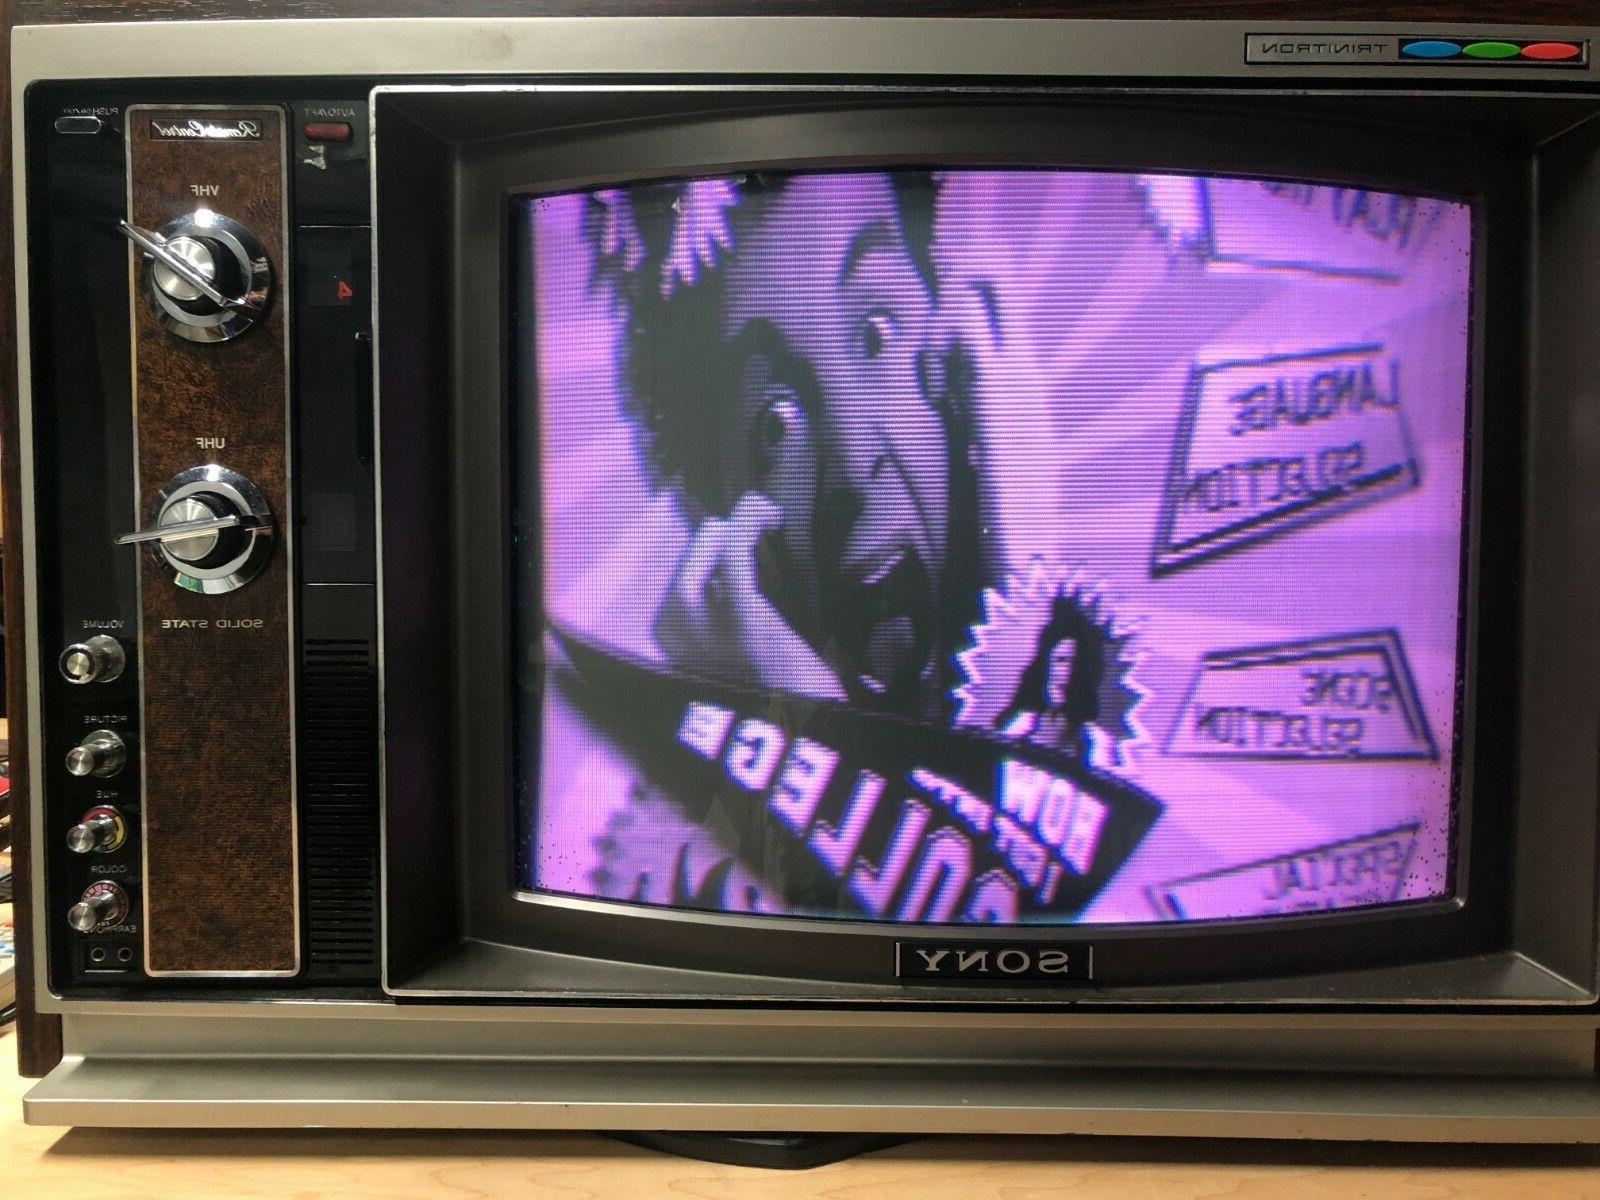 RARE Inch 1730R - Color - W/remote - TV